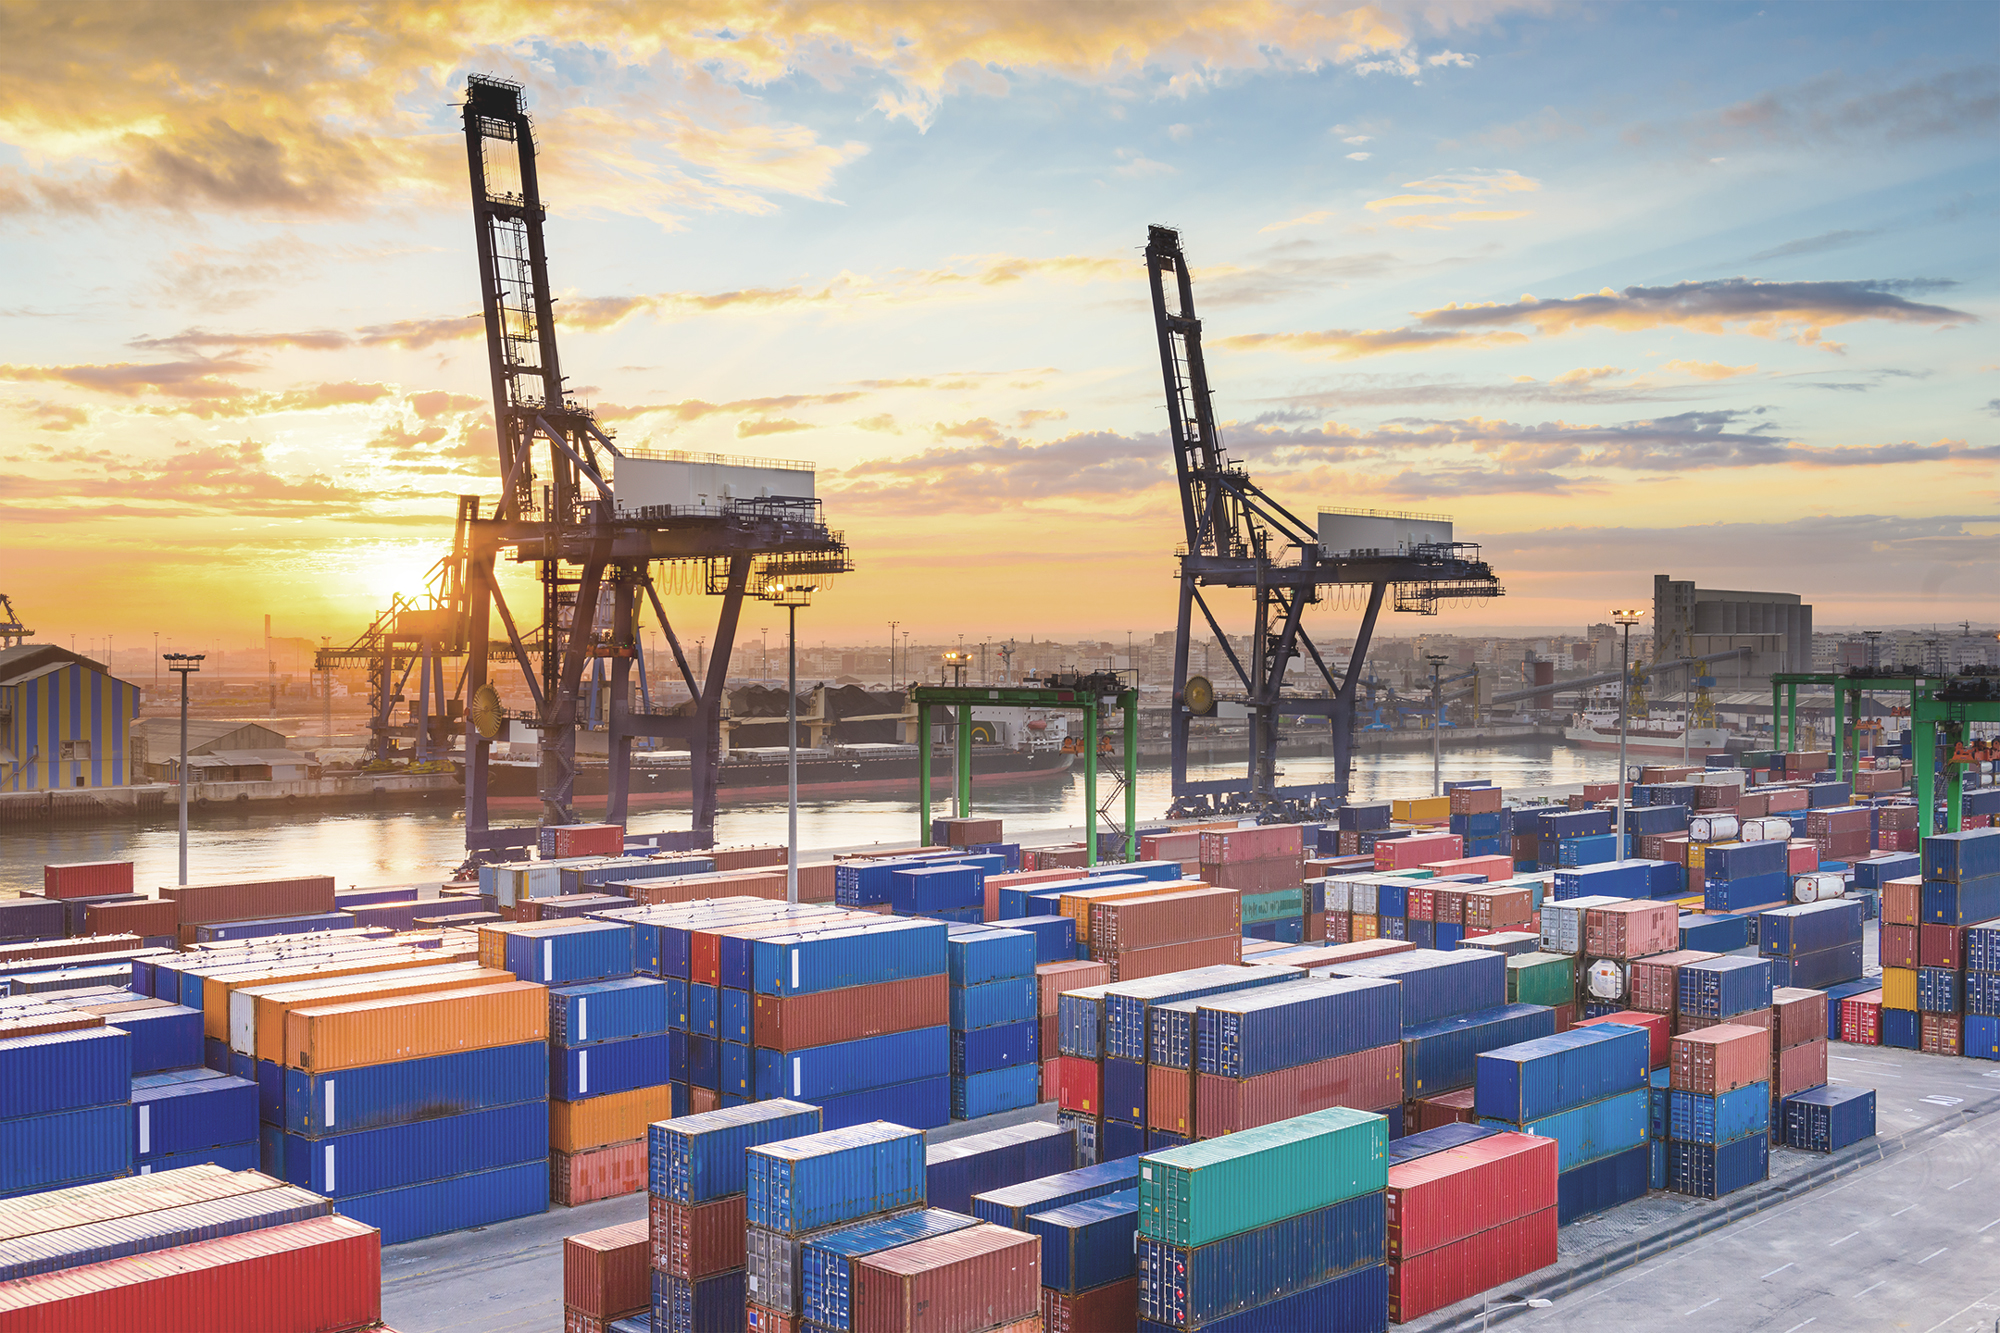 Güterzüge und Container an einem Terminal